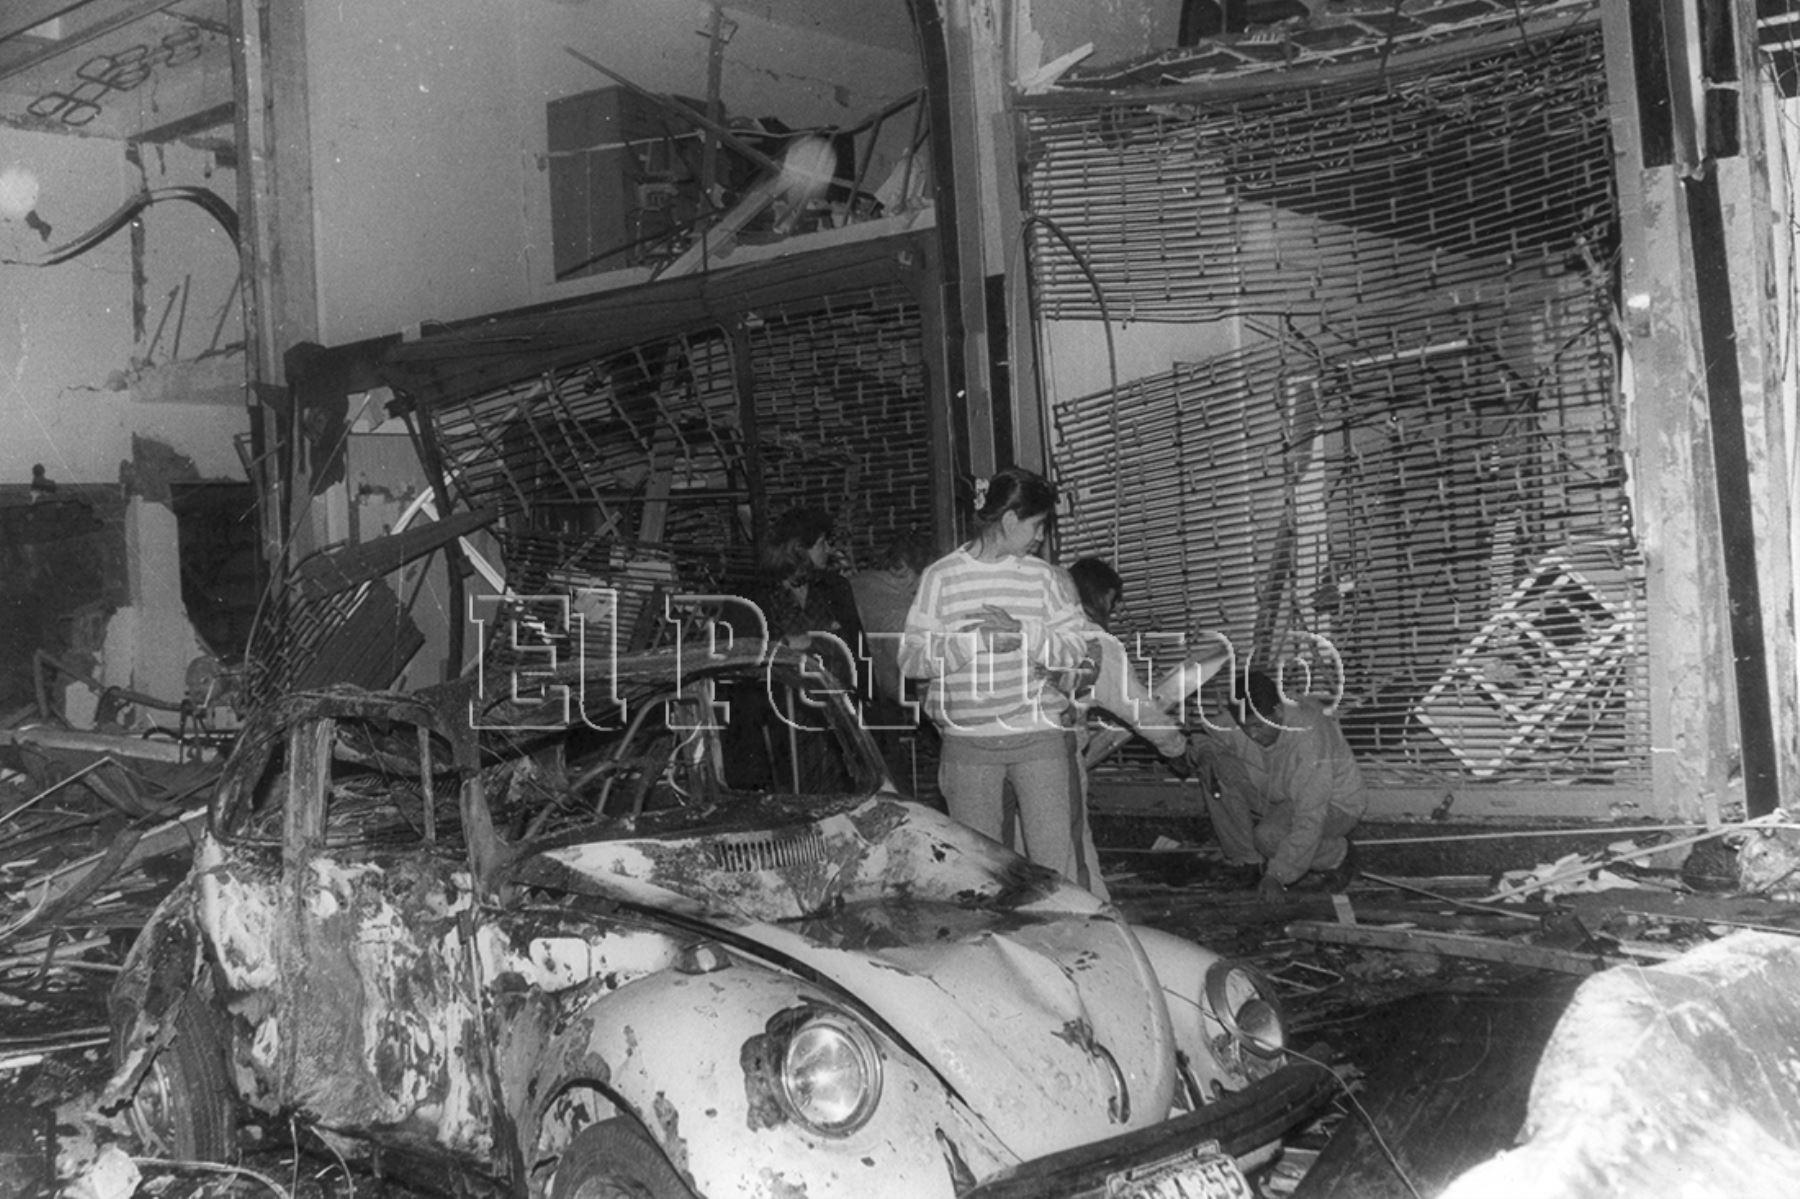 Atentado senderista con coche bomba en la calle Tarata de Miraflores el 16 de julio de 1992. Foto: Archivo Histórico de El Peruano.